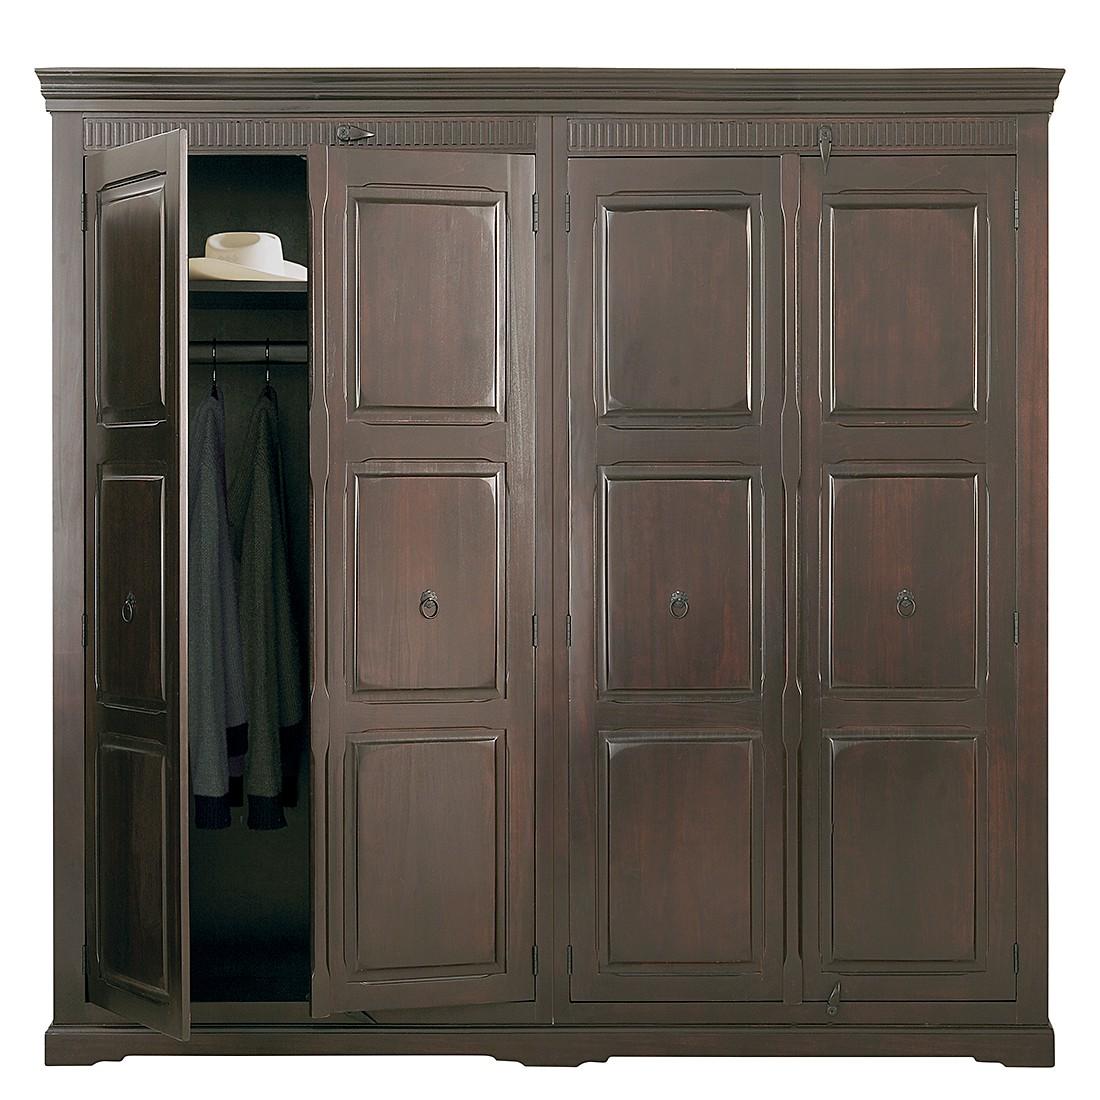 kleiderschrank authentico sheesham massiv kare design jetzt bestellen. Black Bedroom Furniture Sets. Home Design Ideas